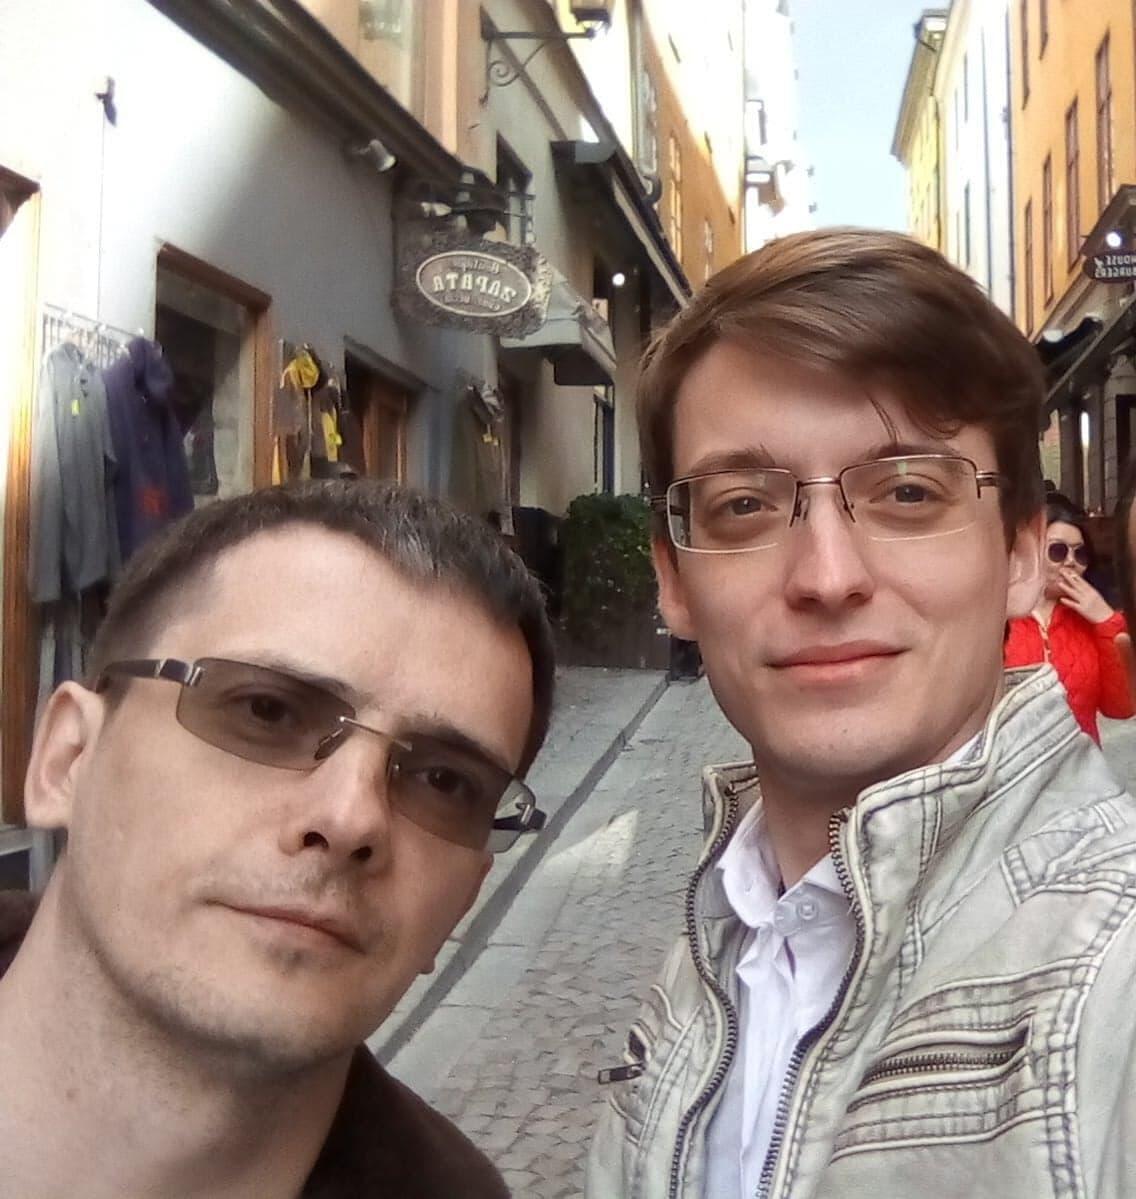 Константин Зыков вместе с соратником по сочинскому штабу Дмитрием Титковым, также эмигрировавшим в Швецию